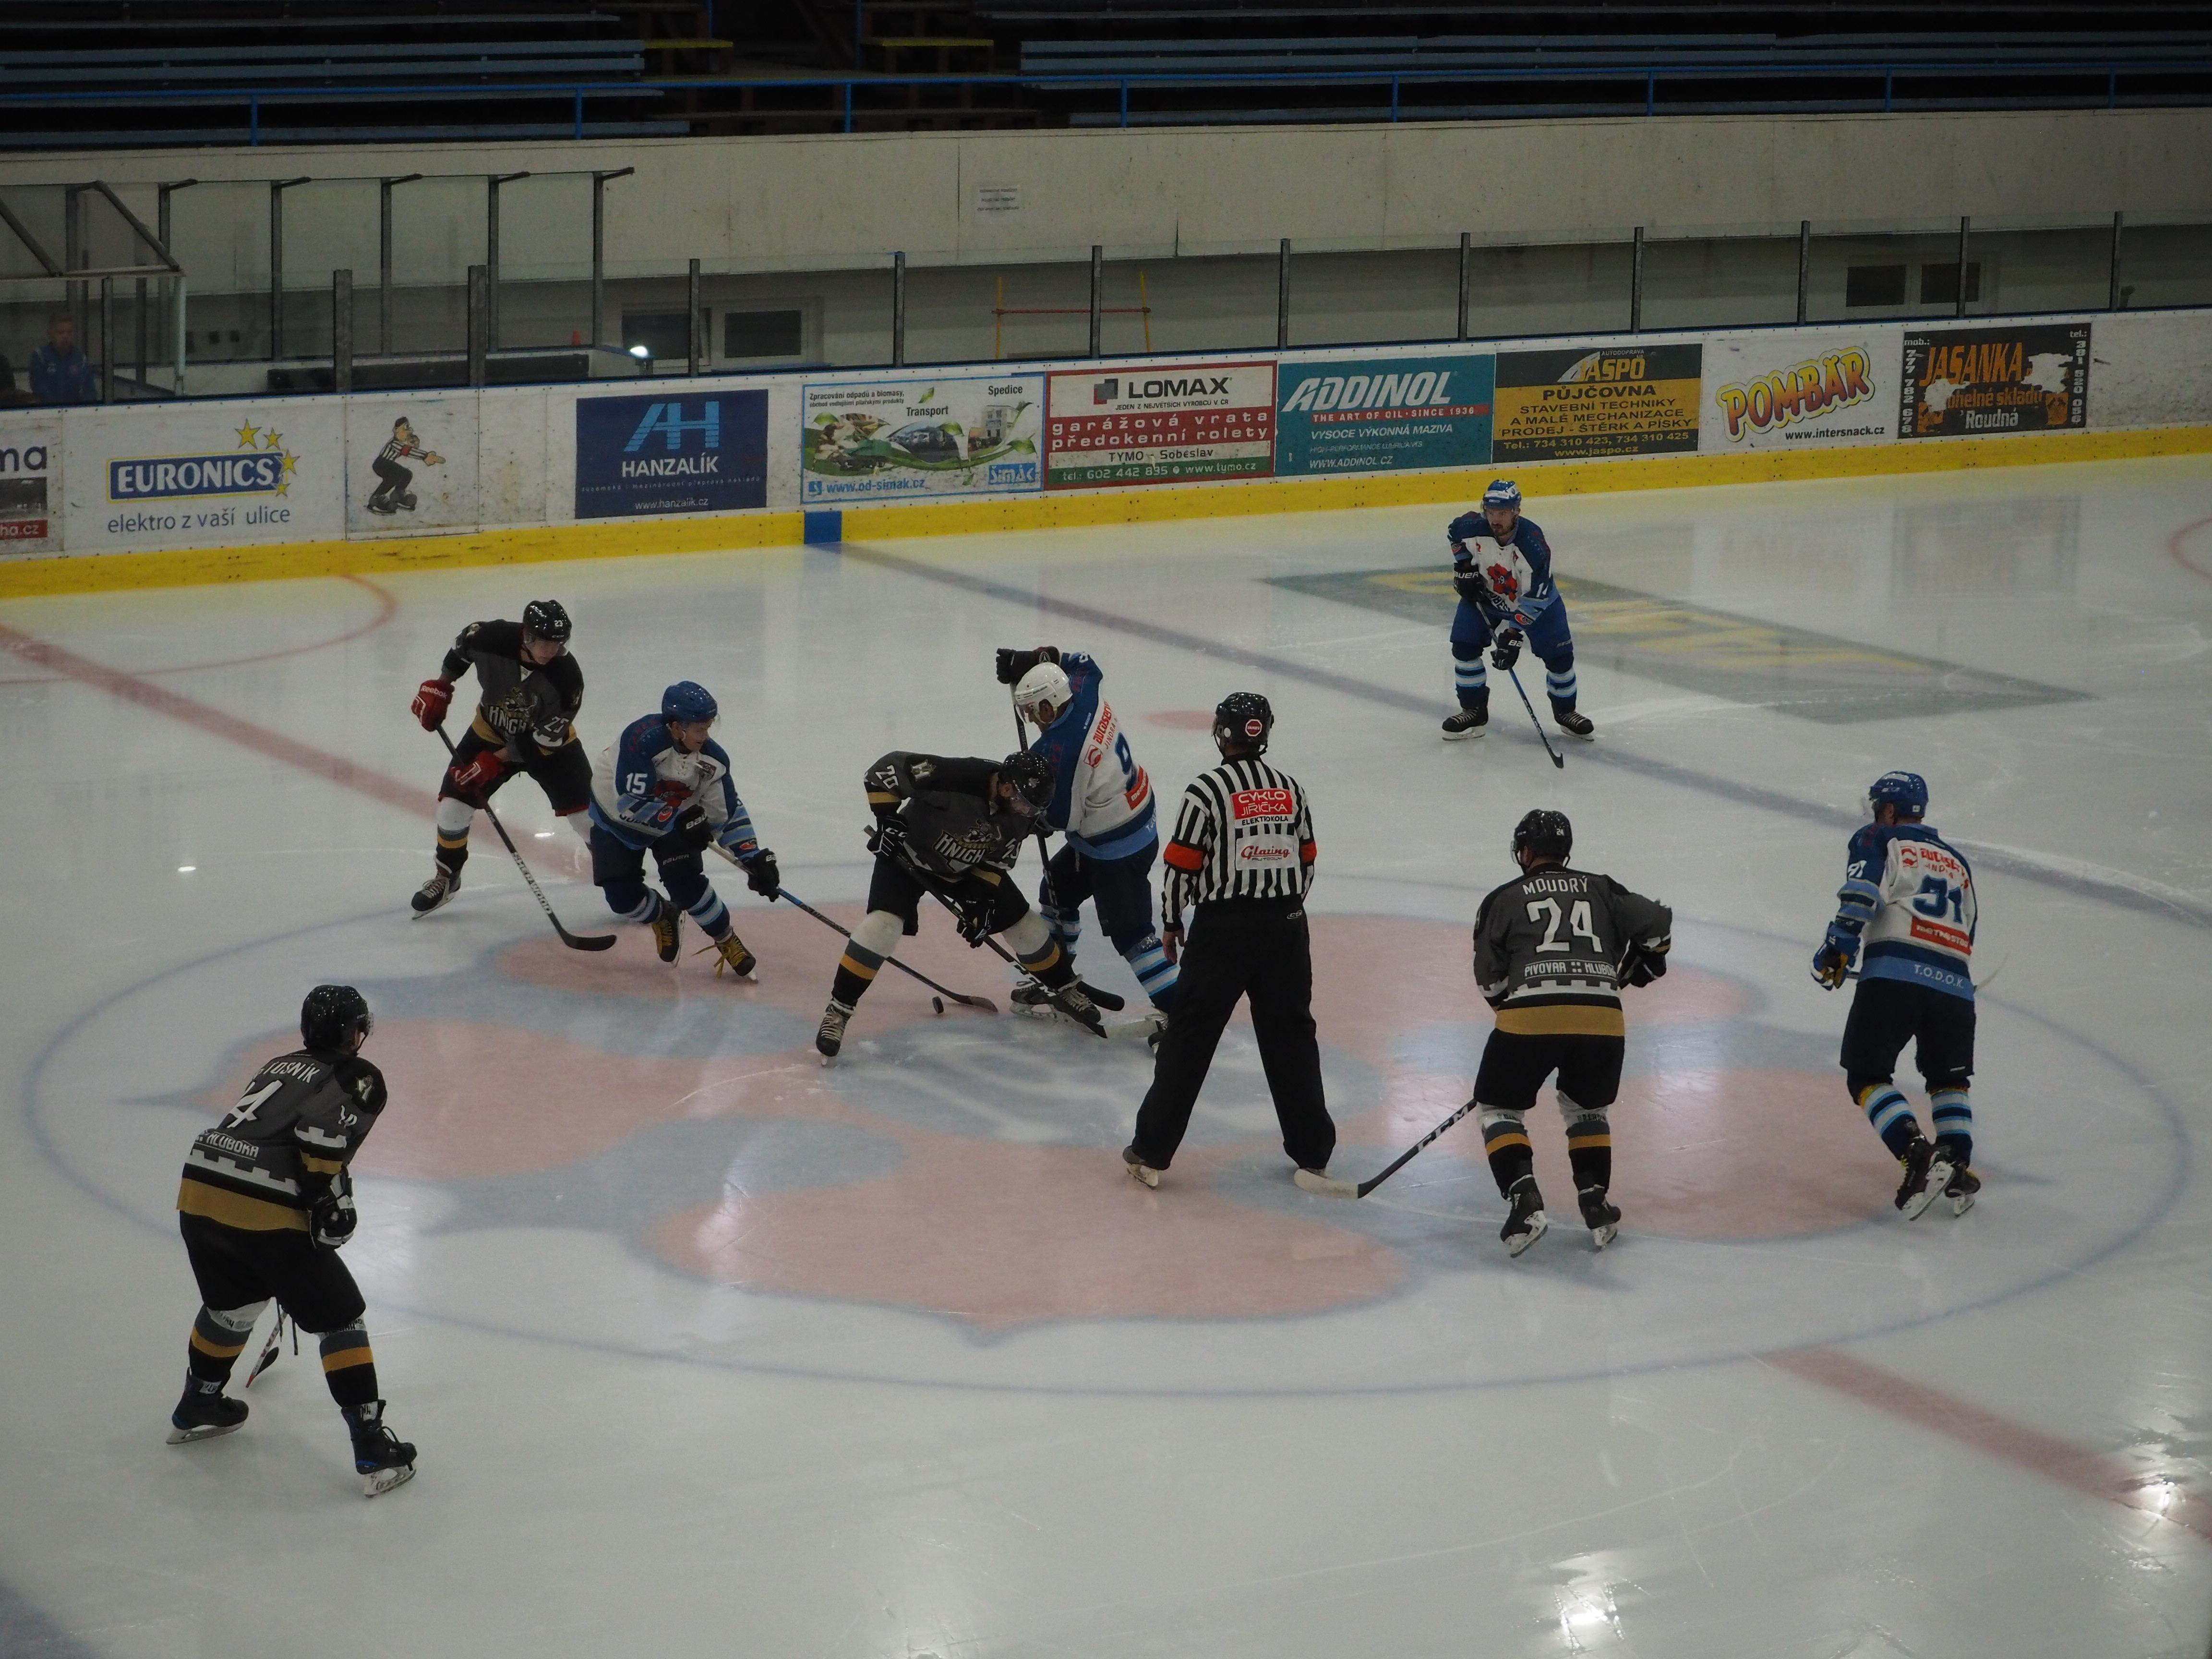 Přátelské utkání – OLH Spartak Soběslav vs. HC Knights 1. 9. 2019